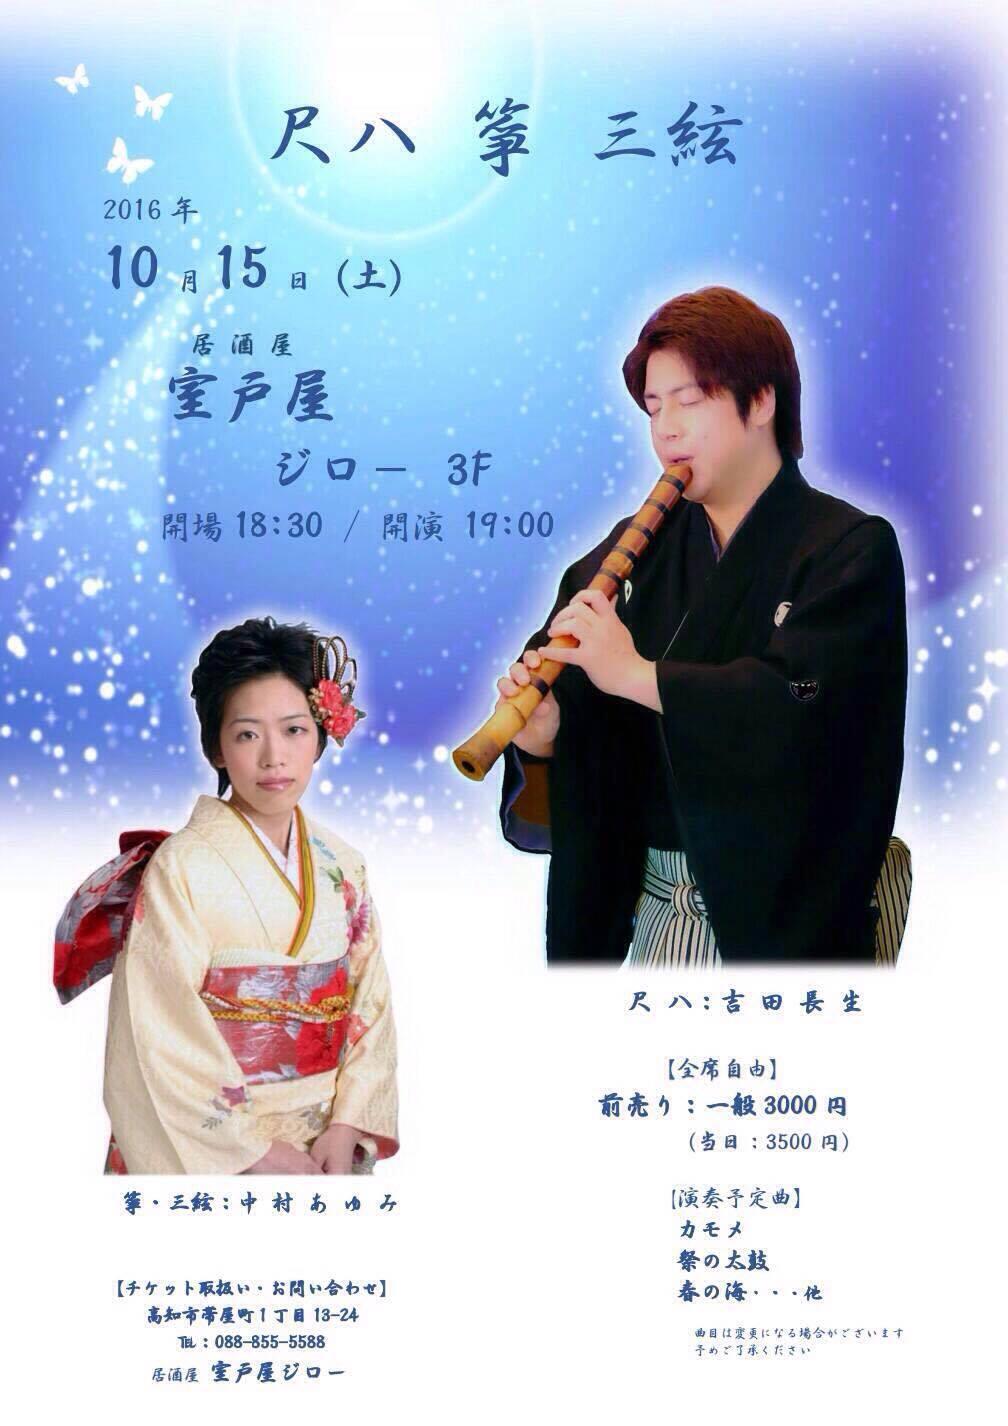 高知県初のコンサートを開催